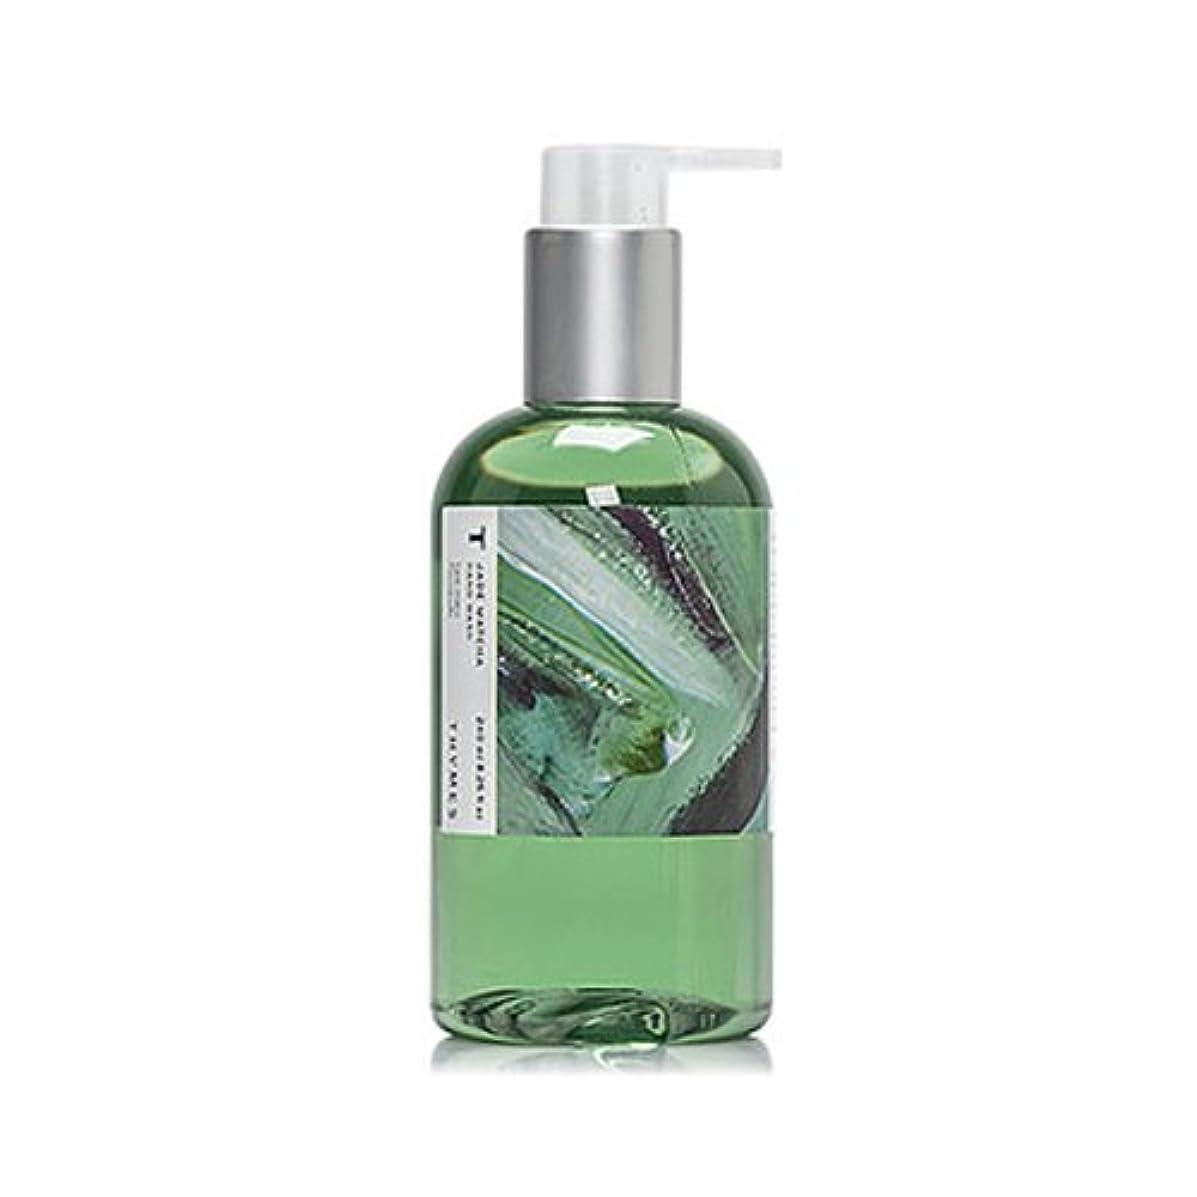 激怒区別する南THYMES タイムズ ハンドウォッシュ 240ml ジェイド抹茶 Hand Wash 8.25 fl oz Jade Matcha [並行輸入品]